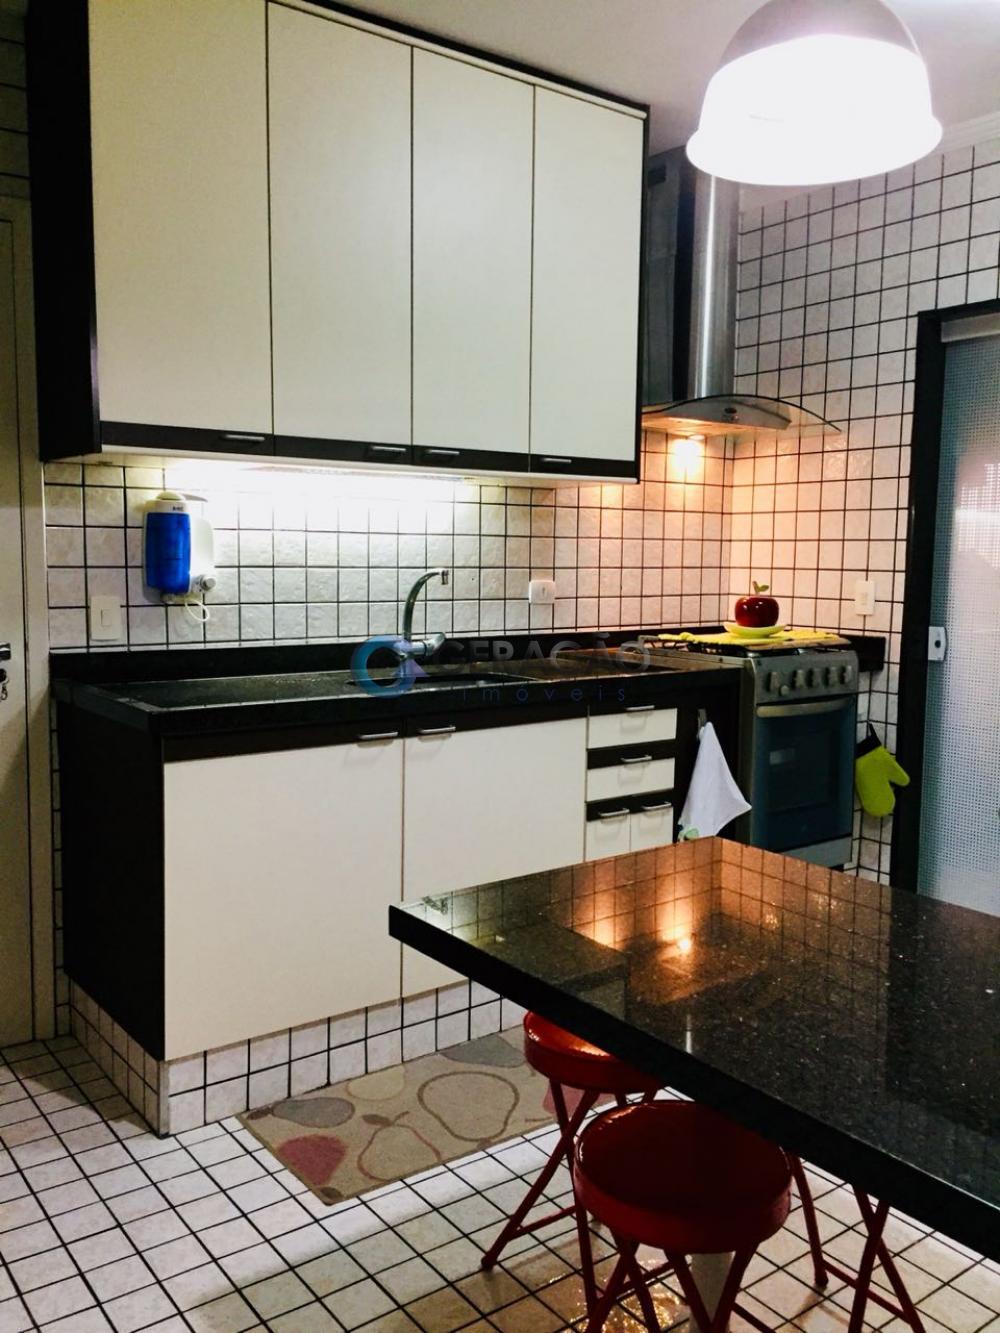 Comprar Apartamento / Padrão em São José dos Campos apenas R$ 512.000,00 - Foto 6